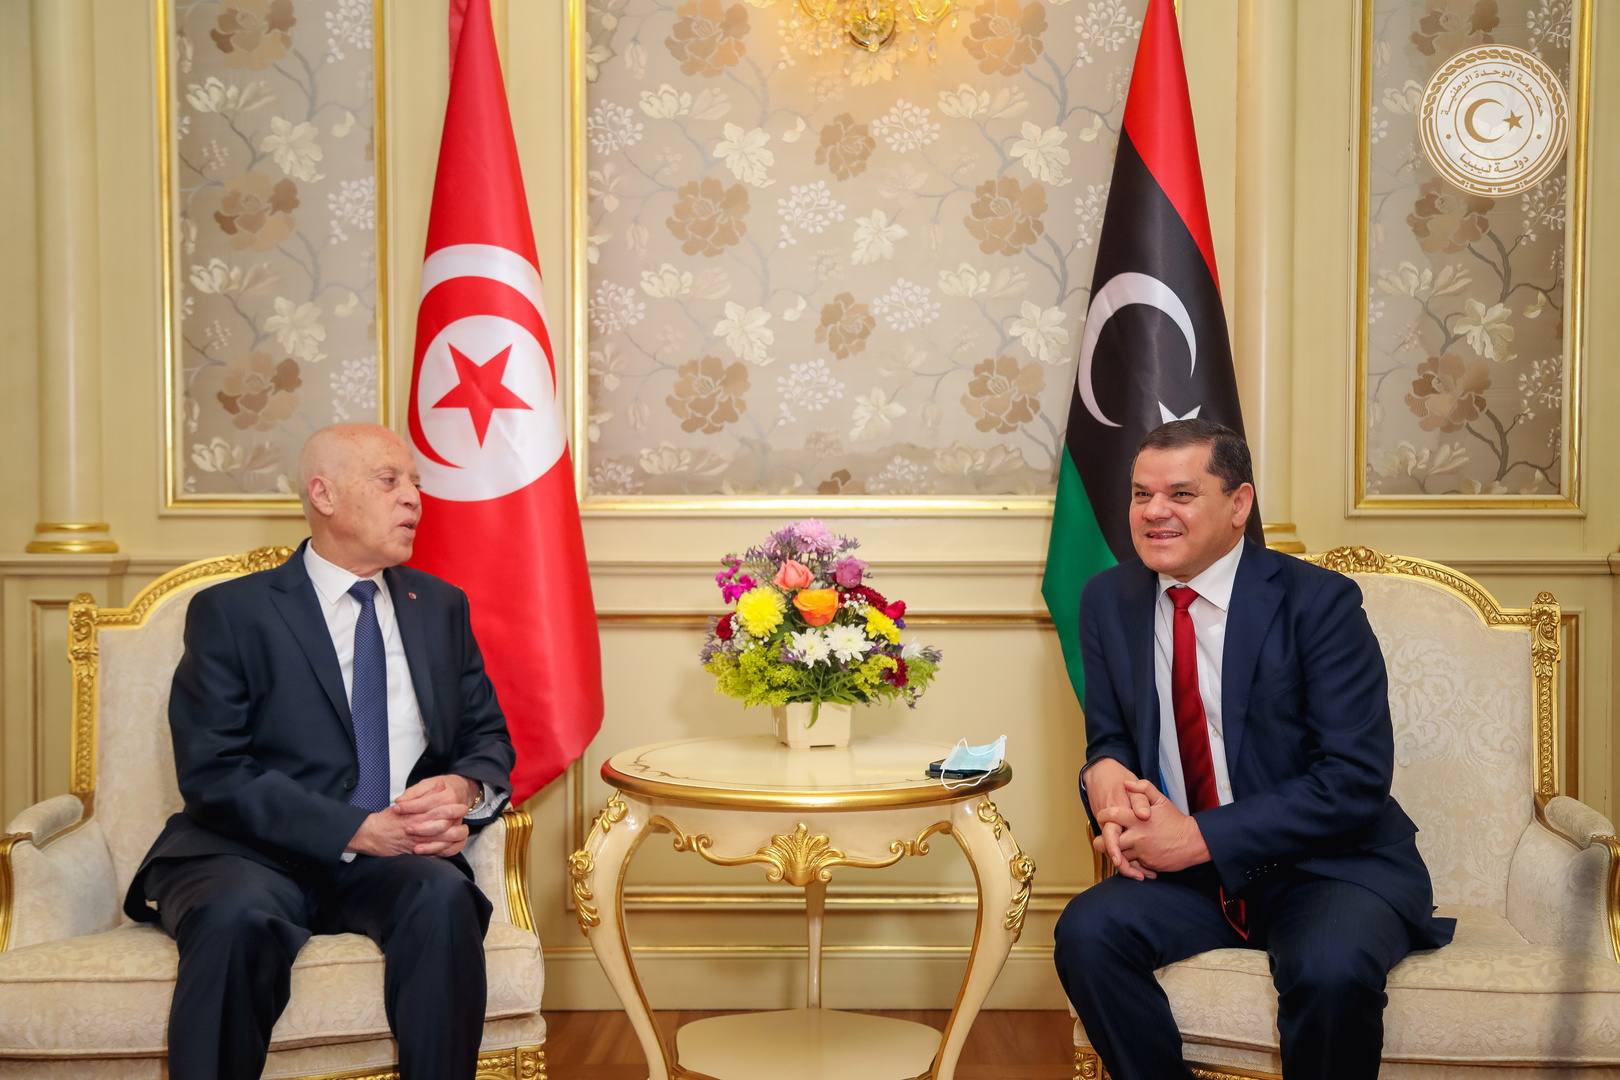 الرئيس التونسي يأمر بإعادة فتح الحدود مع ليبيا بداية من غد الجمعة